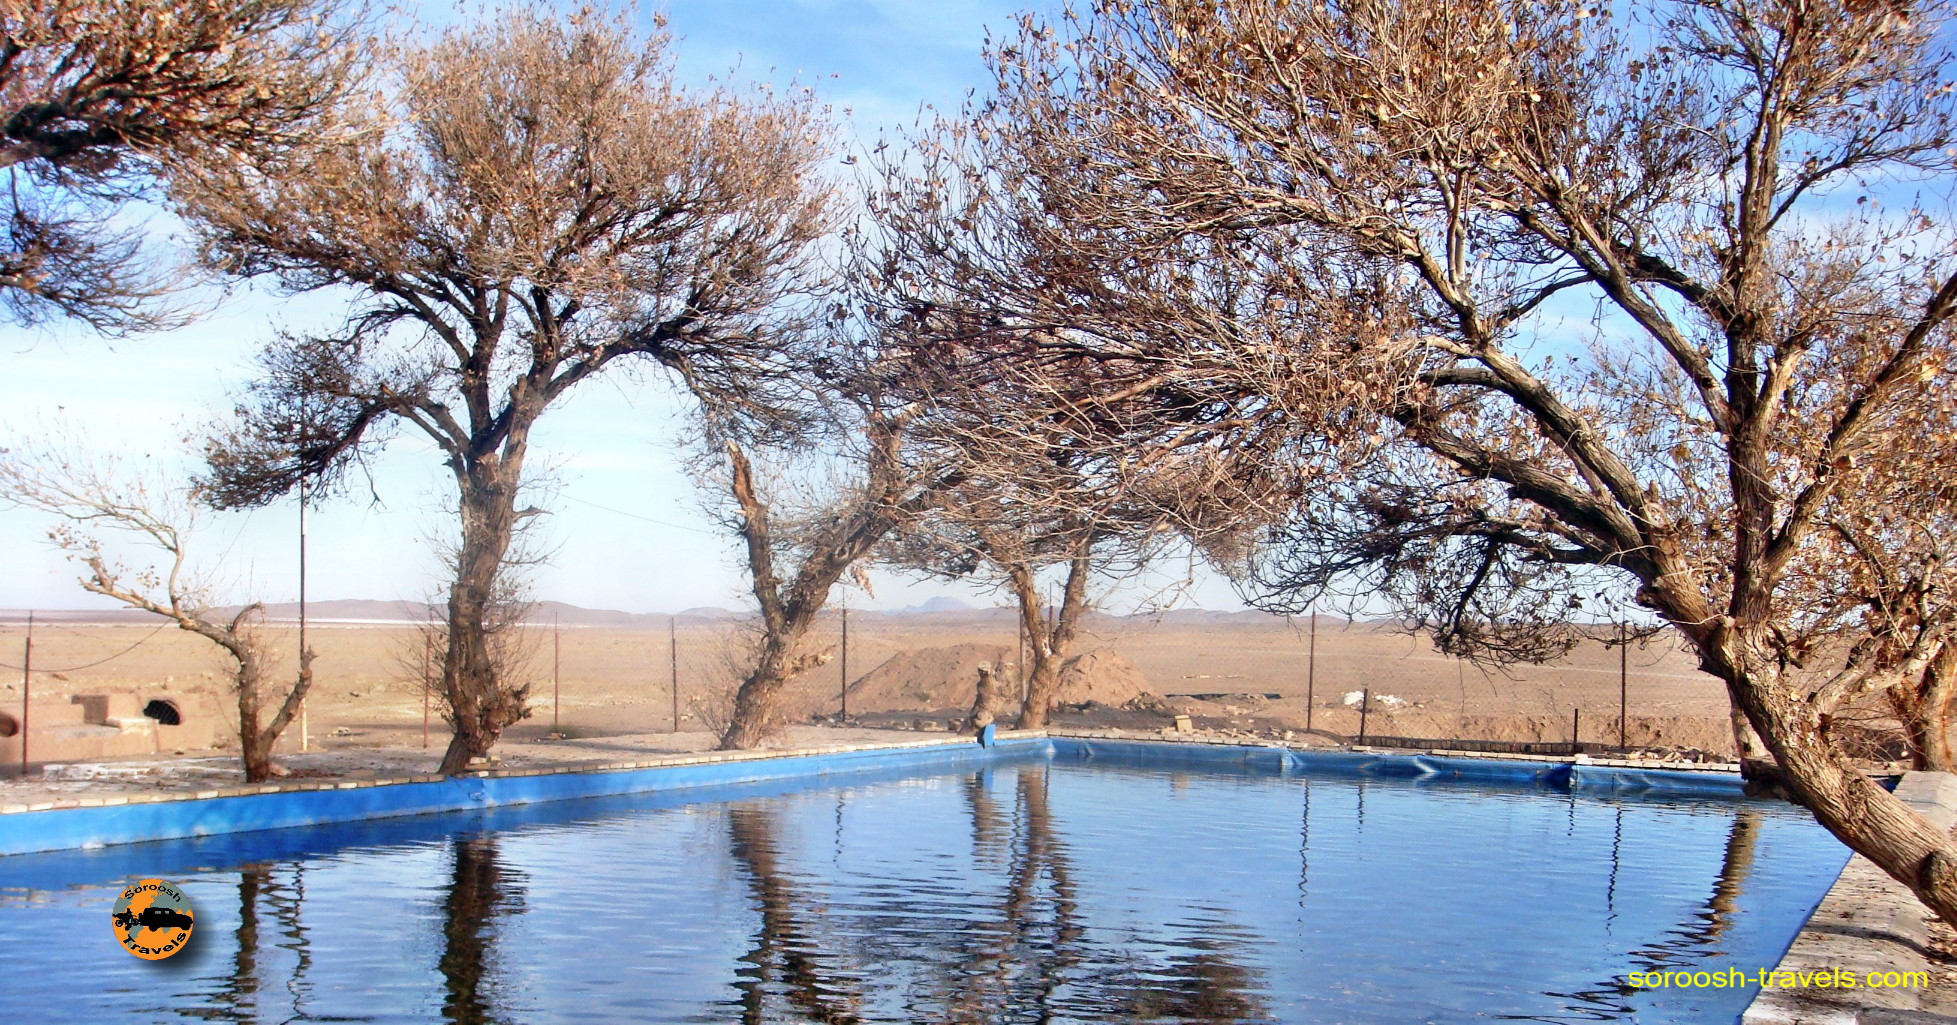 esfahan-koohrang-googad-maranjaab-tehran-winter-1388-22